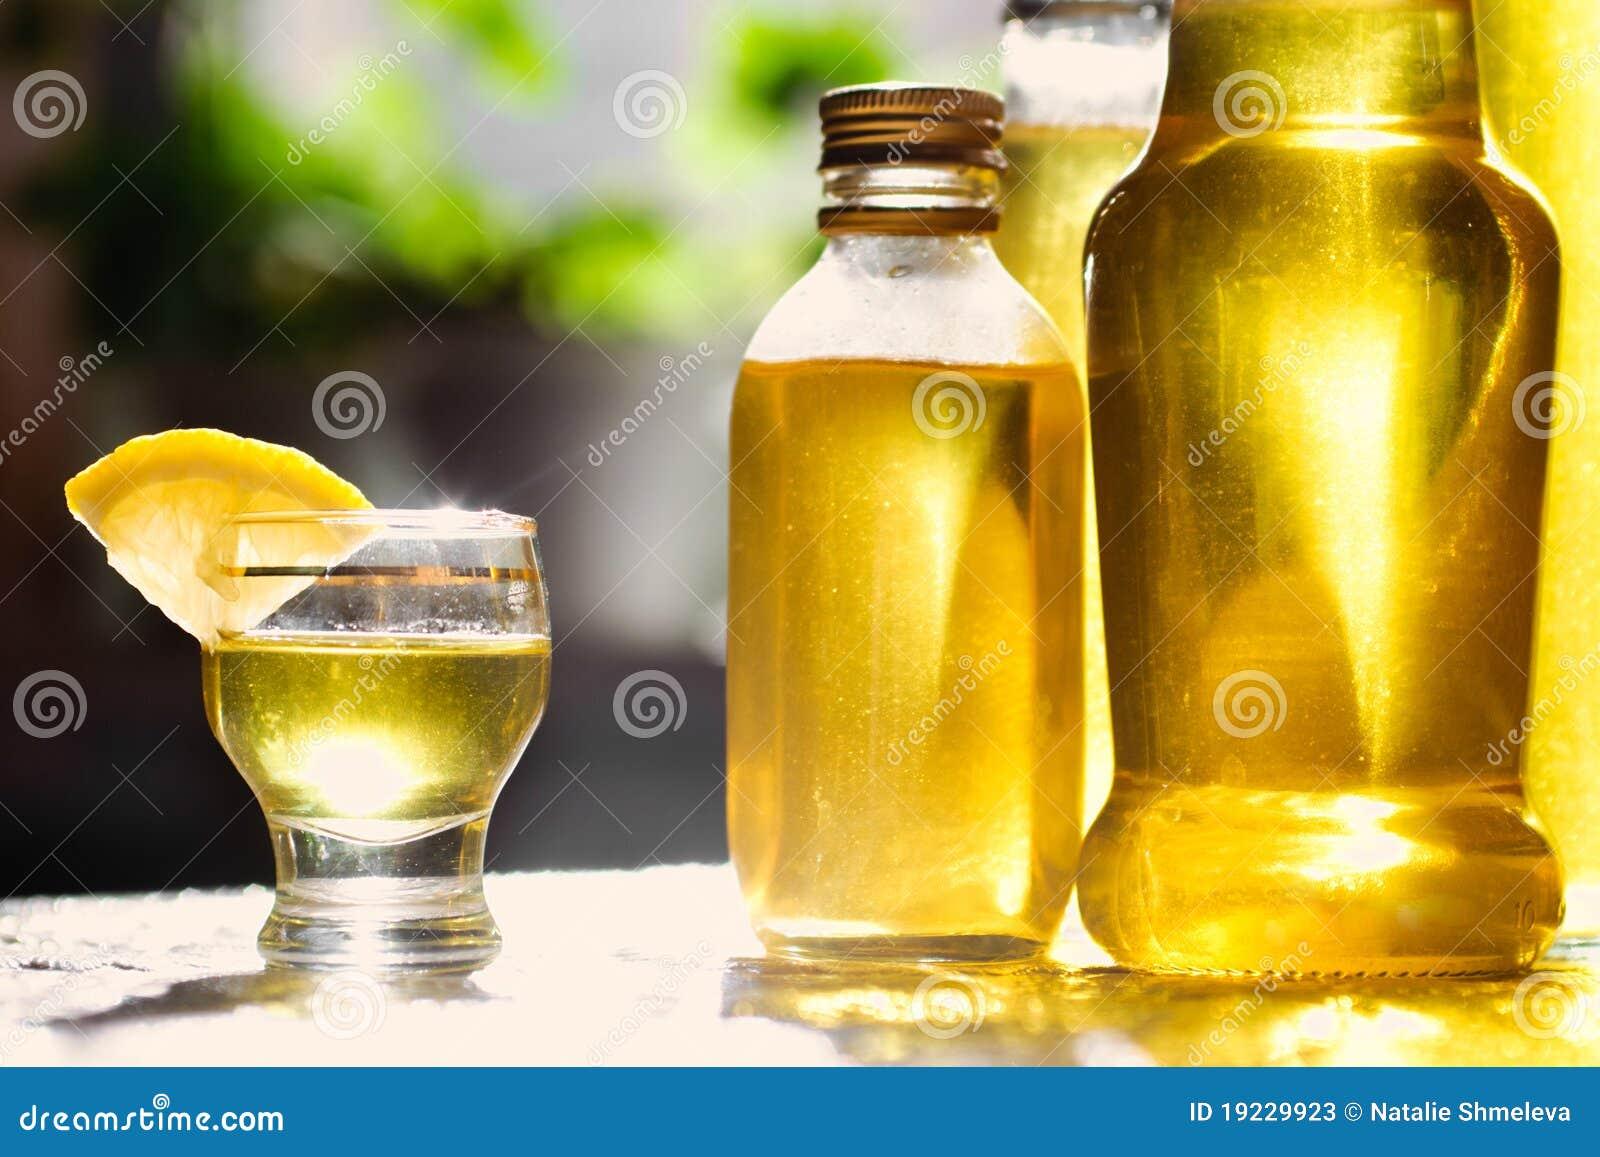 Как сделать лимонный алкогольный